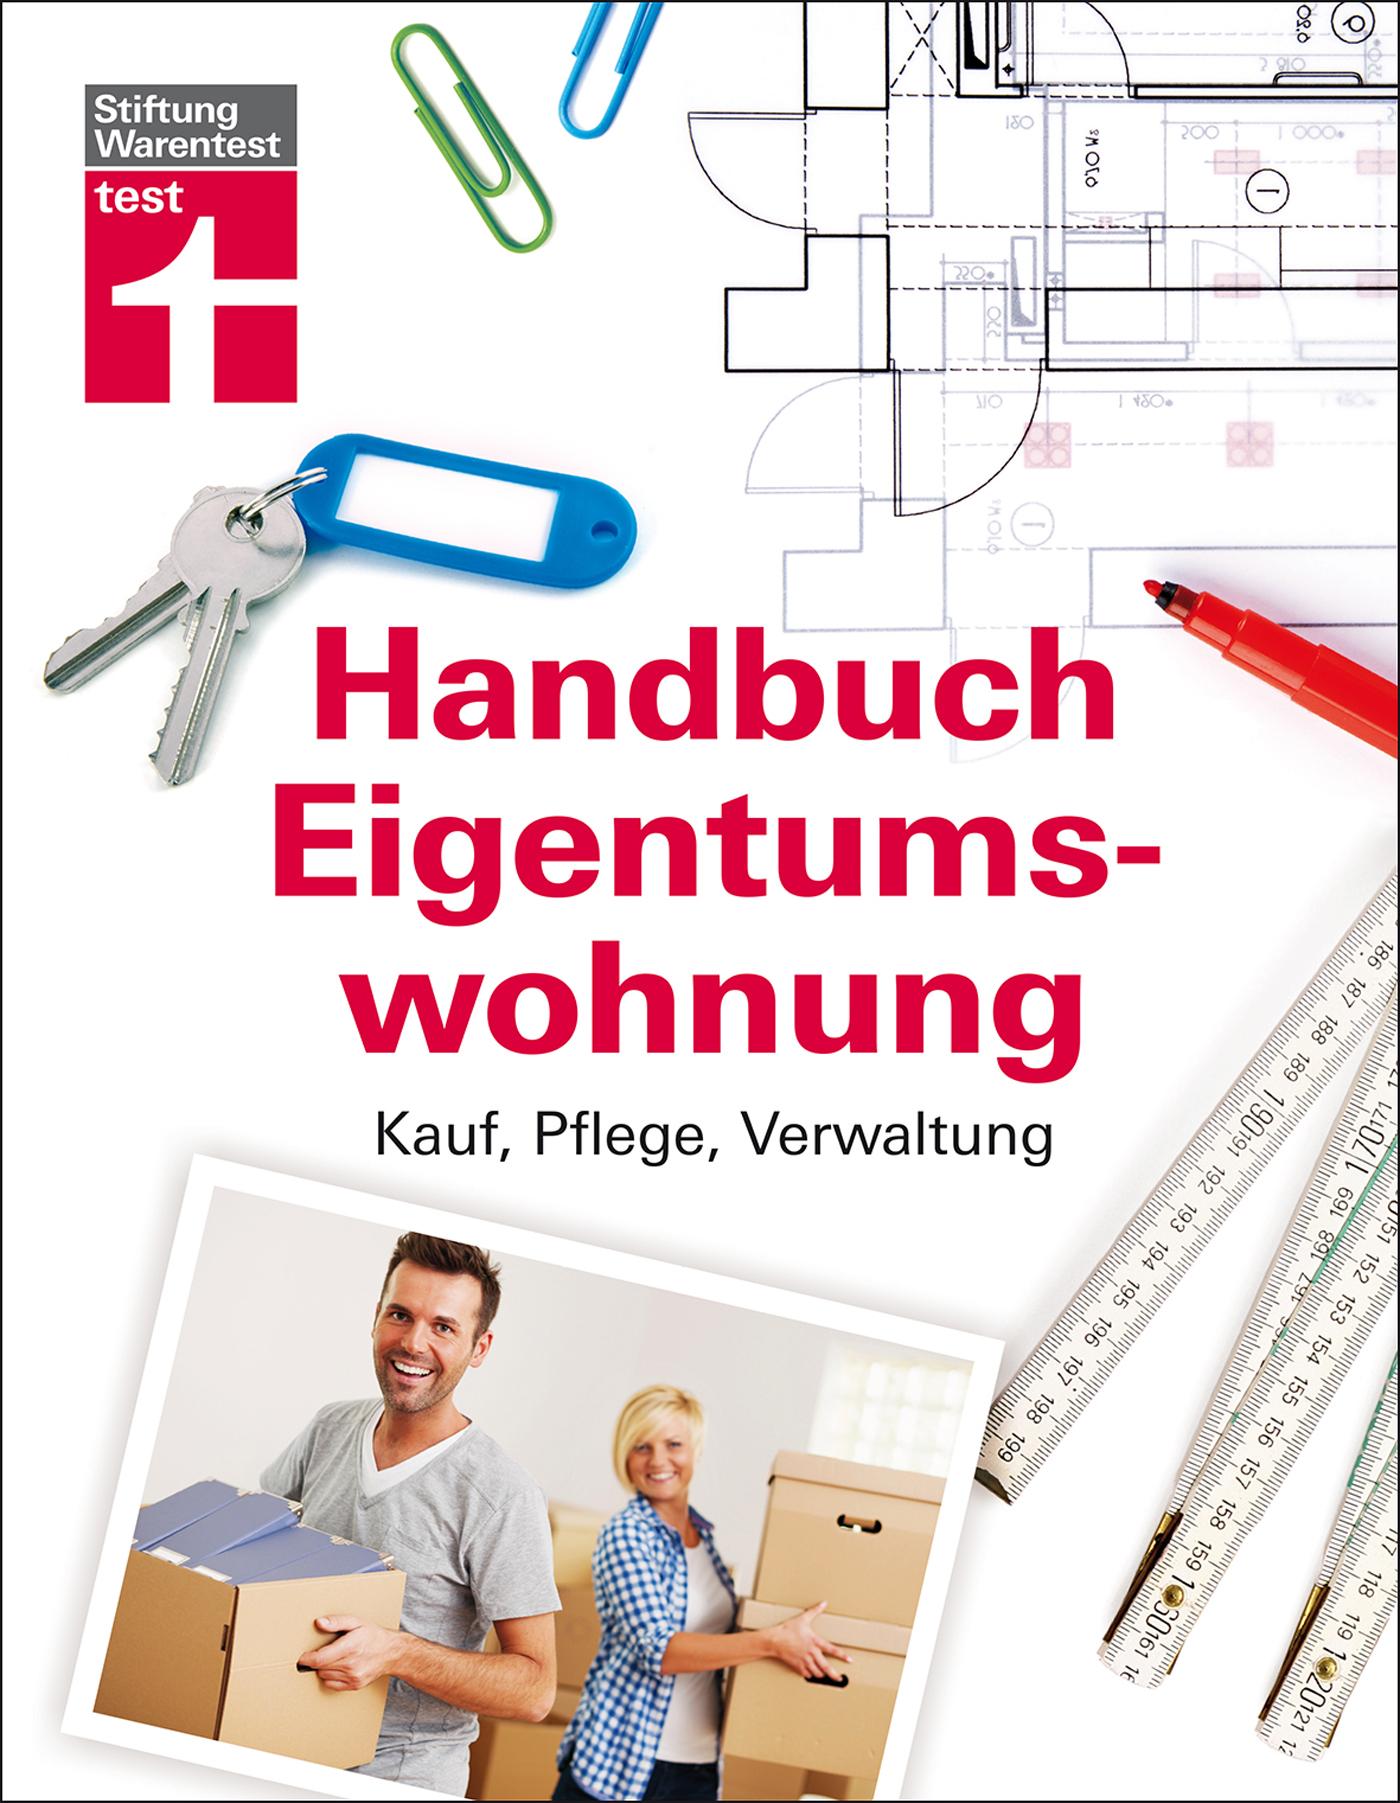 Handbuch Eigentumswohnung: Kauf, Pflege, Verwal...